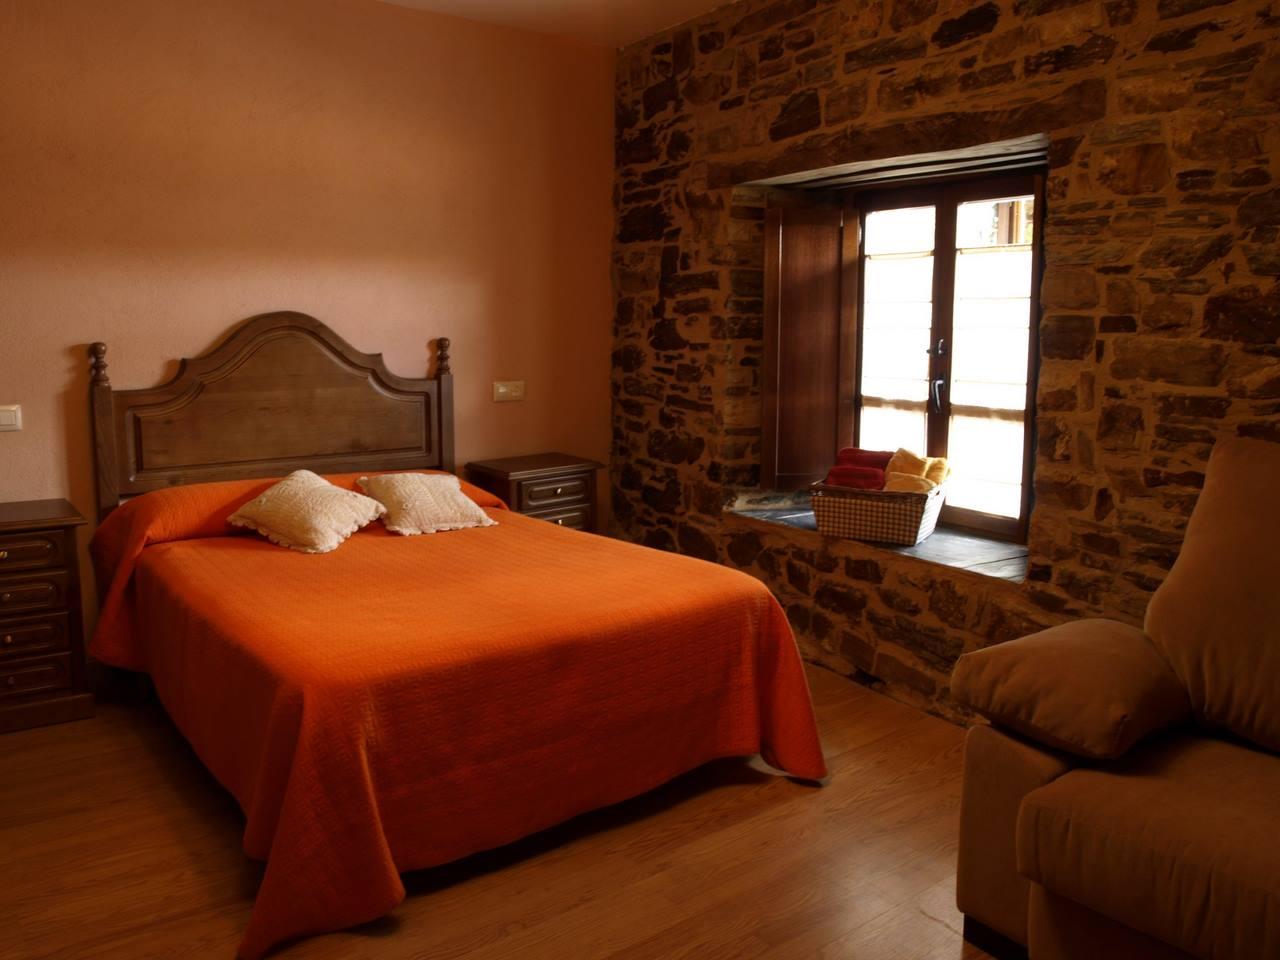 Alquiler vacaciones en Fonsagrada, Lugo